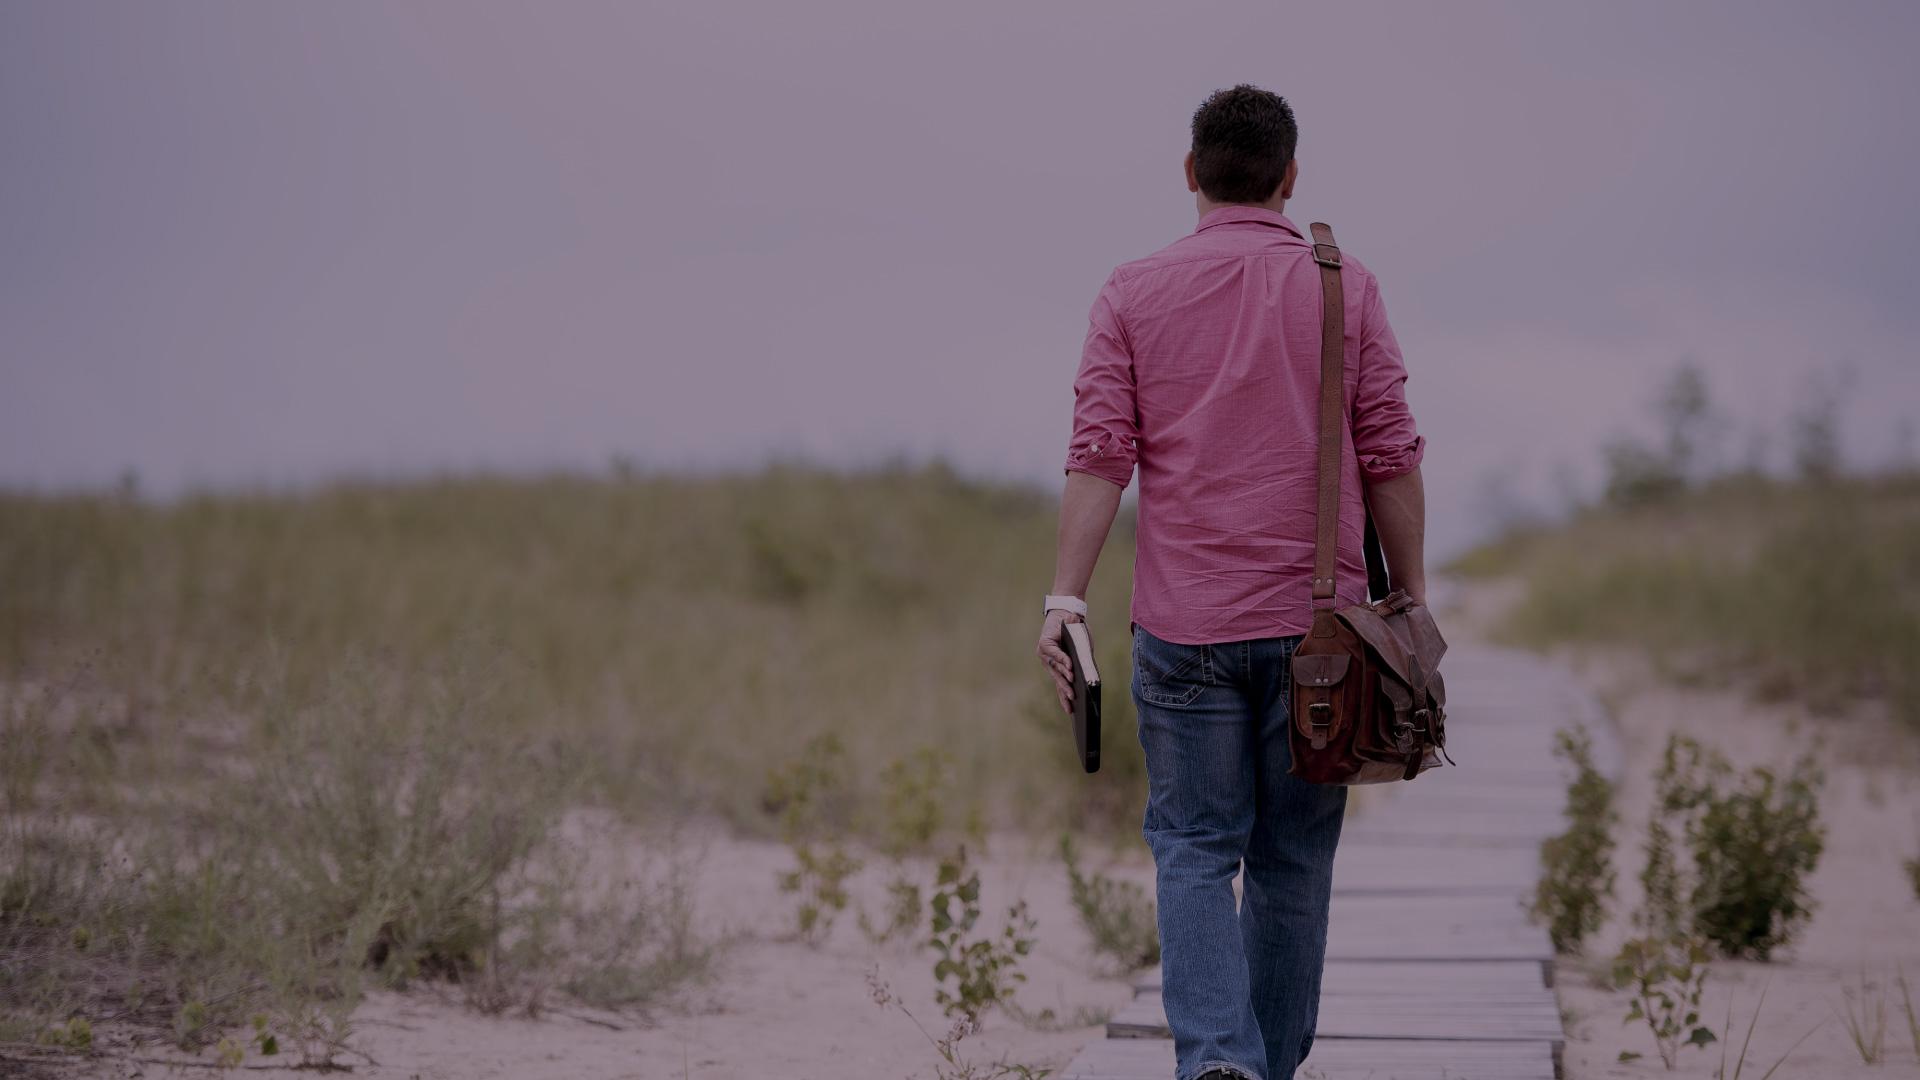 Artículos | Dios nos guarda en nuestro caminar